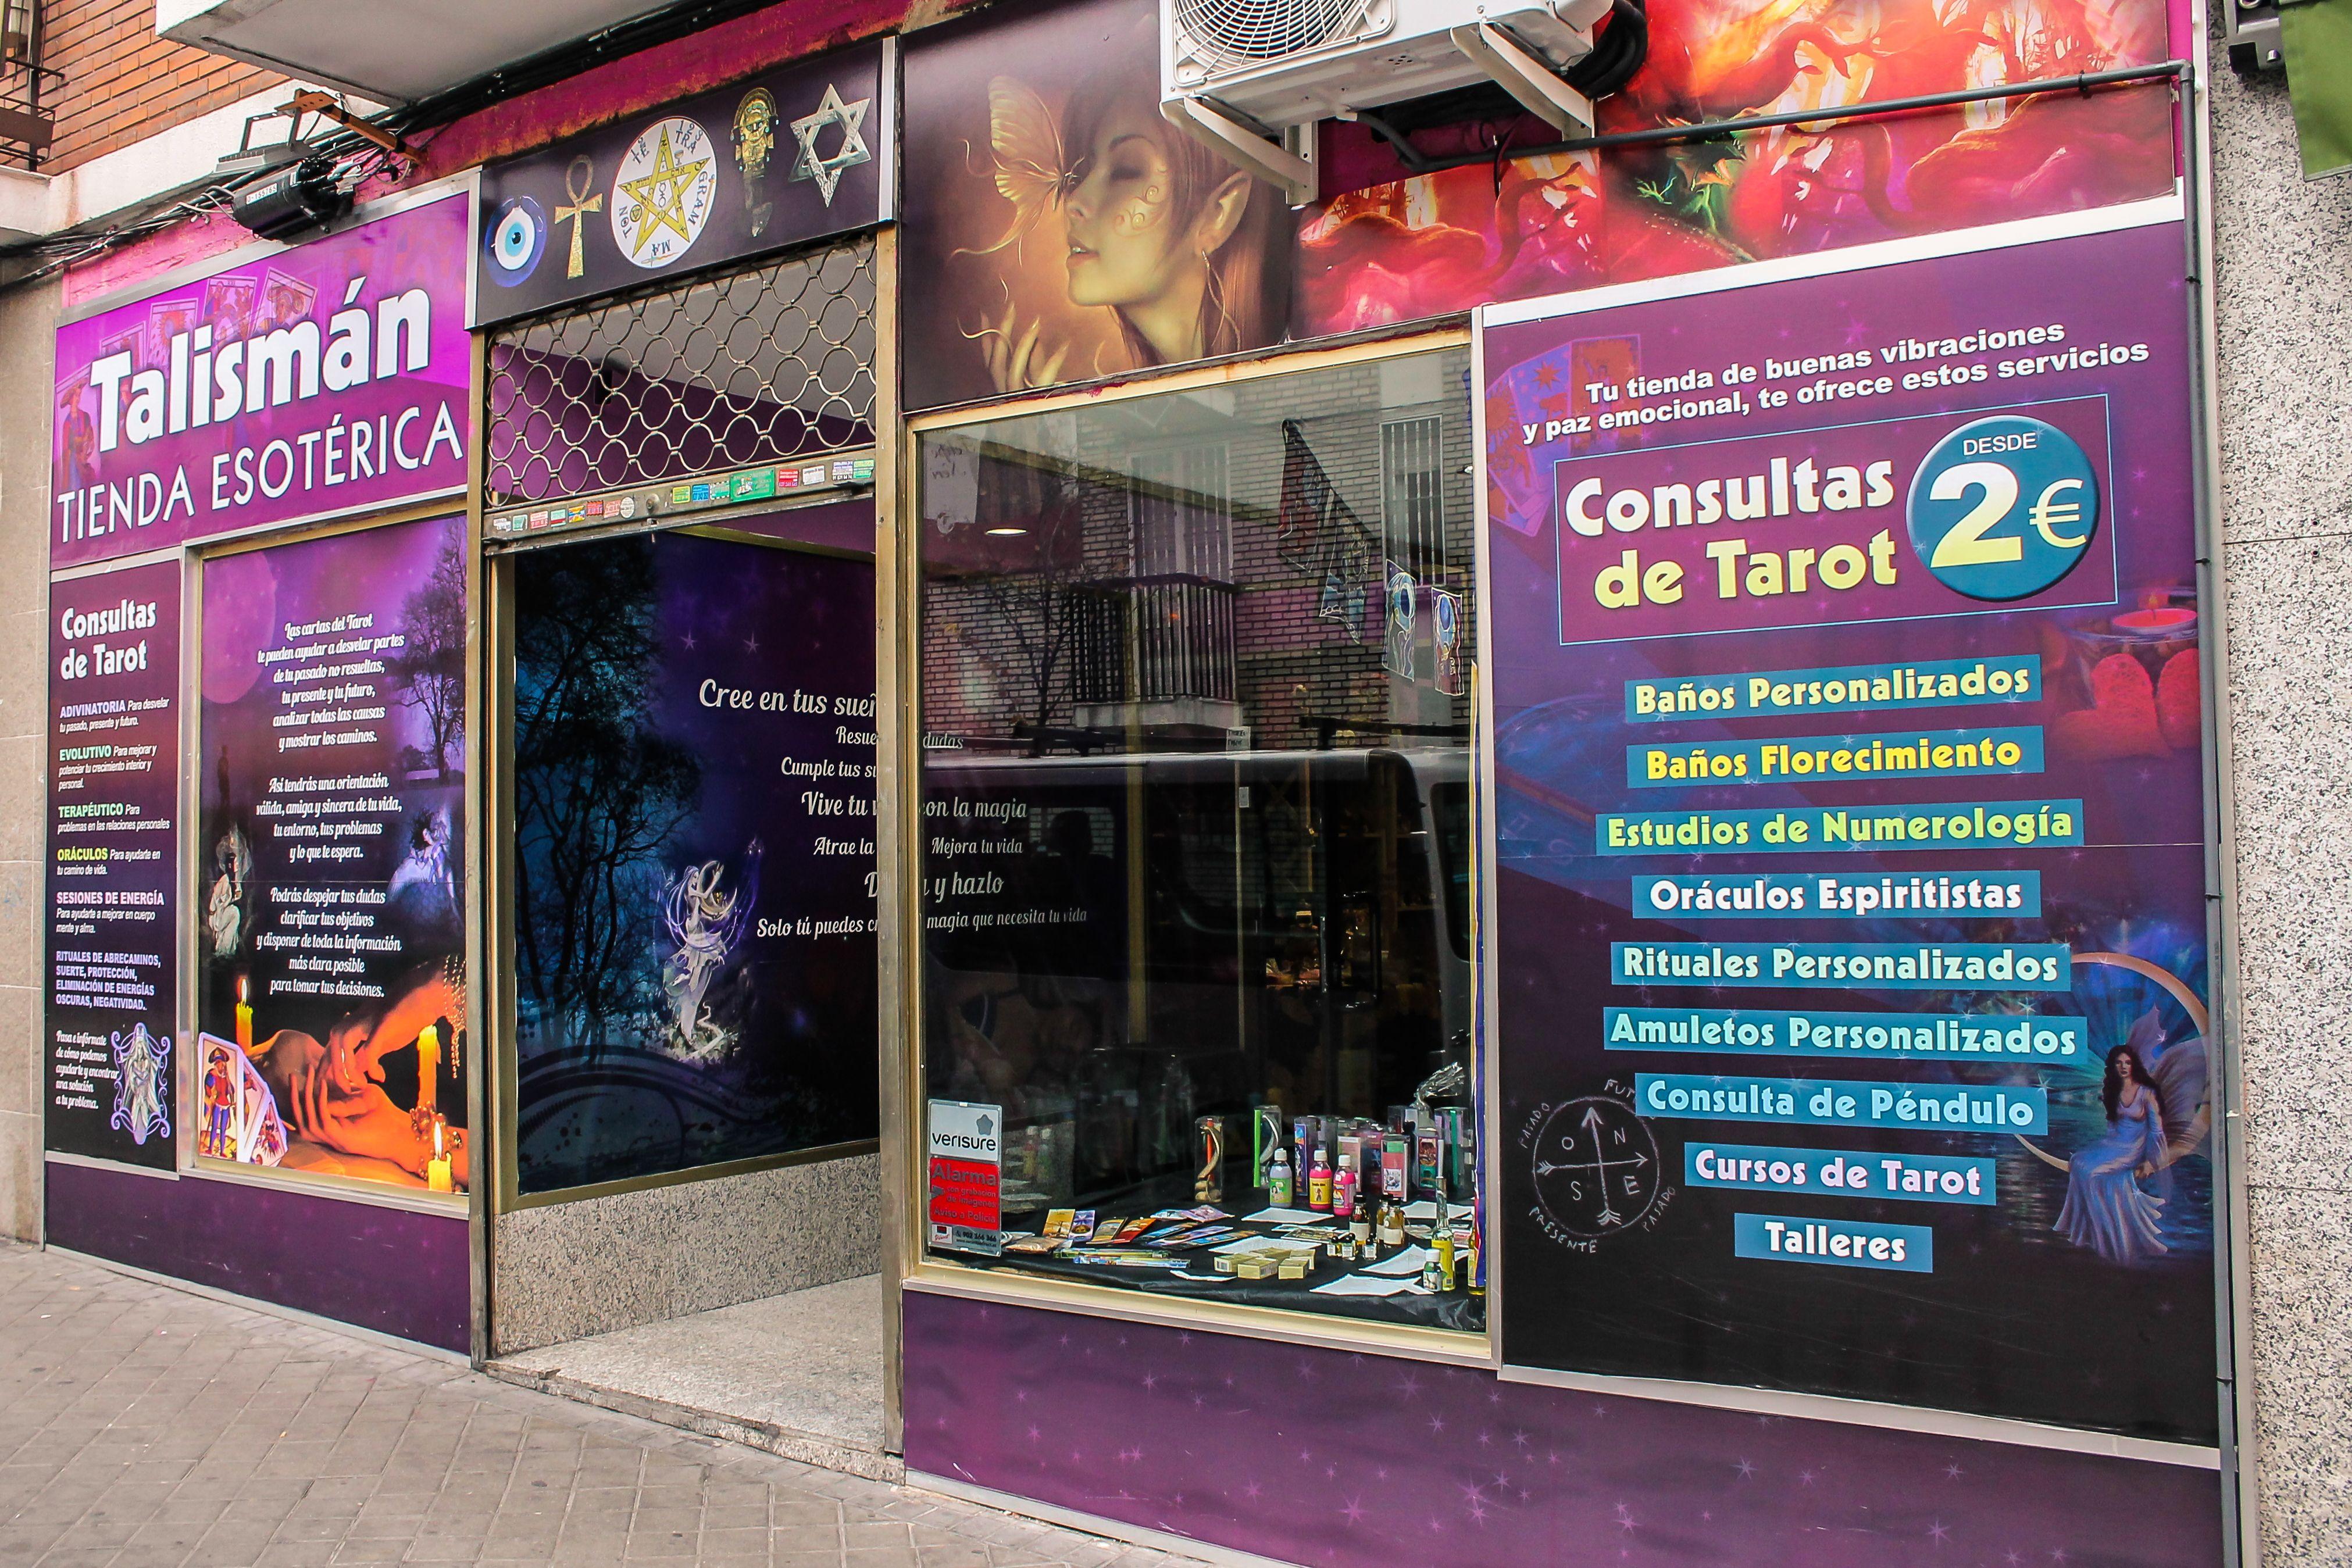 Foto 1 de Astrología y Esoterismo en Madrid | Talismán Tienda Esotérica